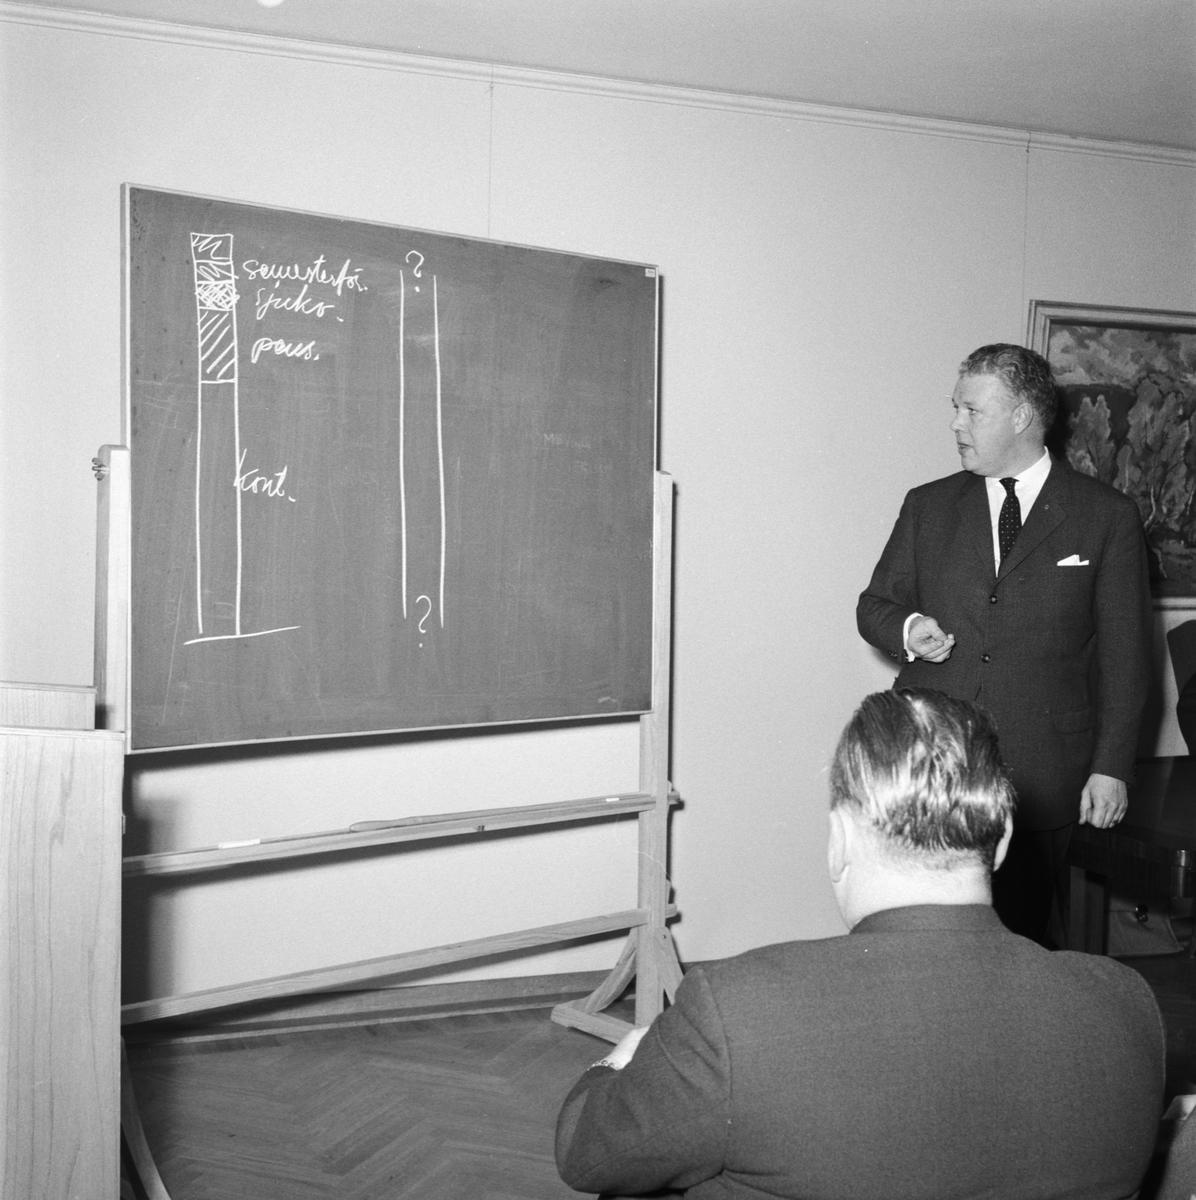 Övrigt: Foto datum: 15/11 1961 Byggnader och kranar FCTF möte